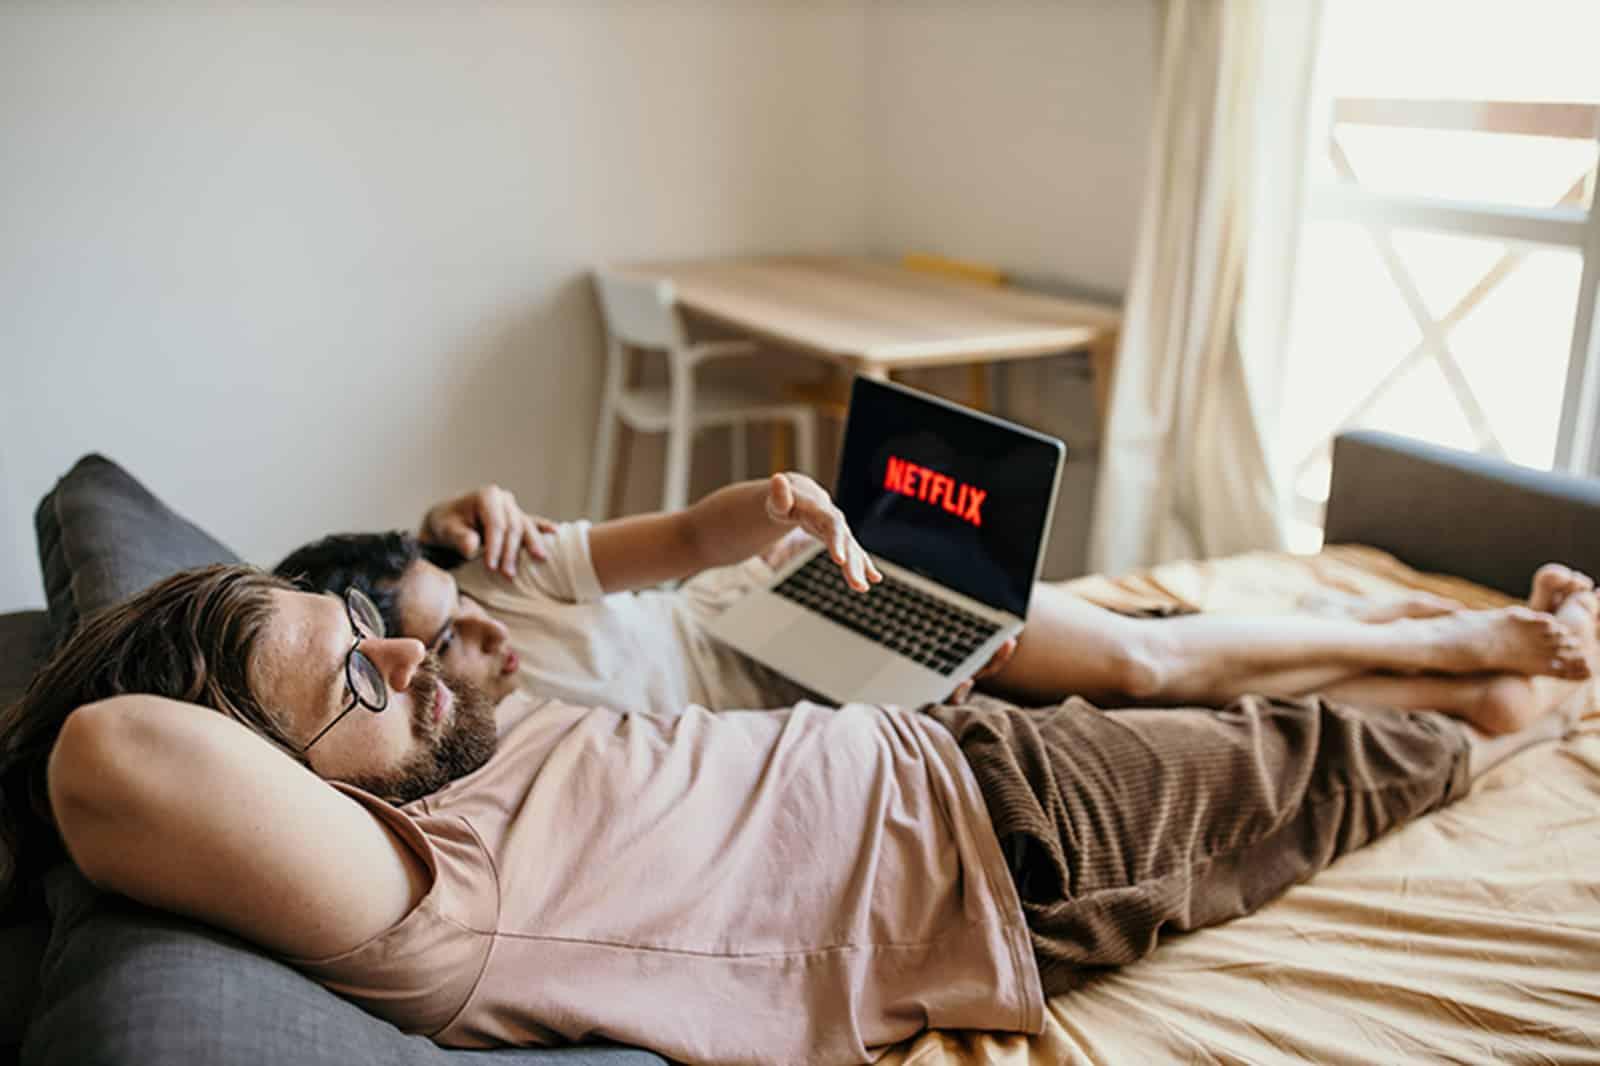 ein Paar, das in einem Bett liegt und Netflix auf einem Laptop beobachtet